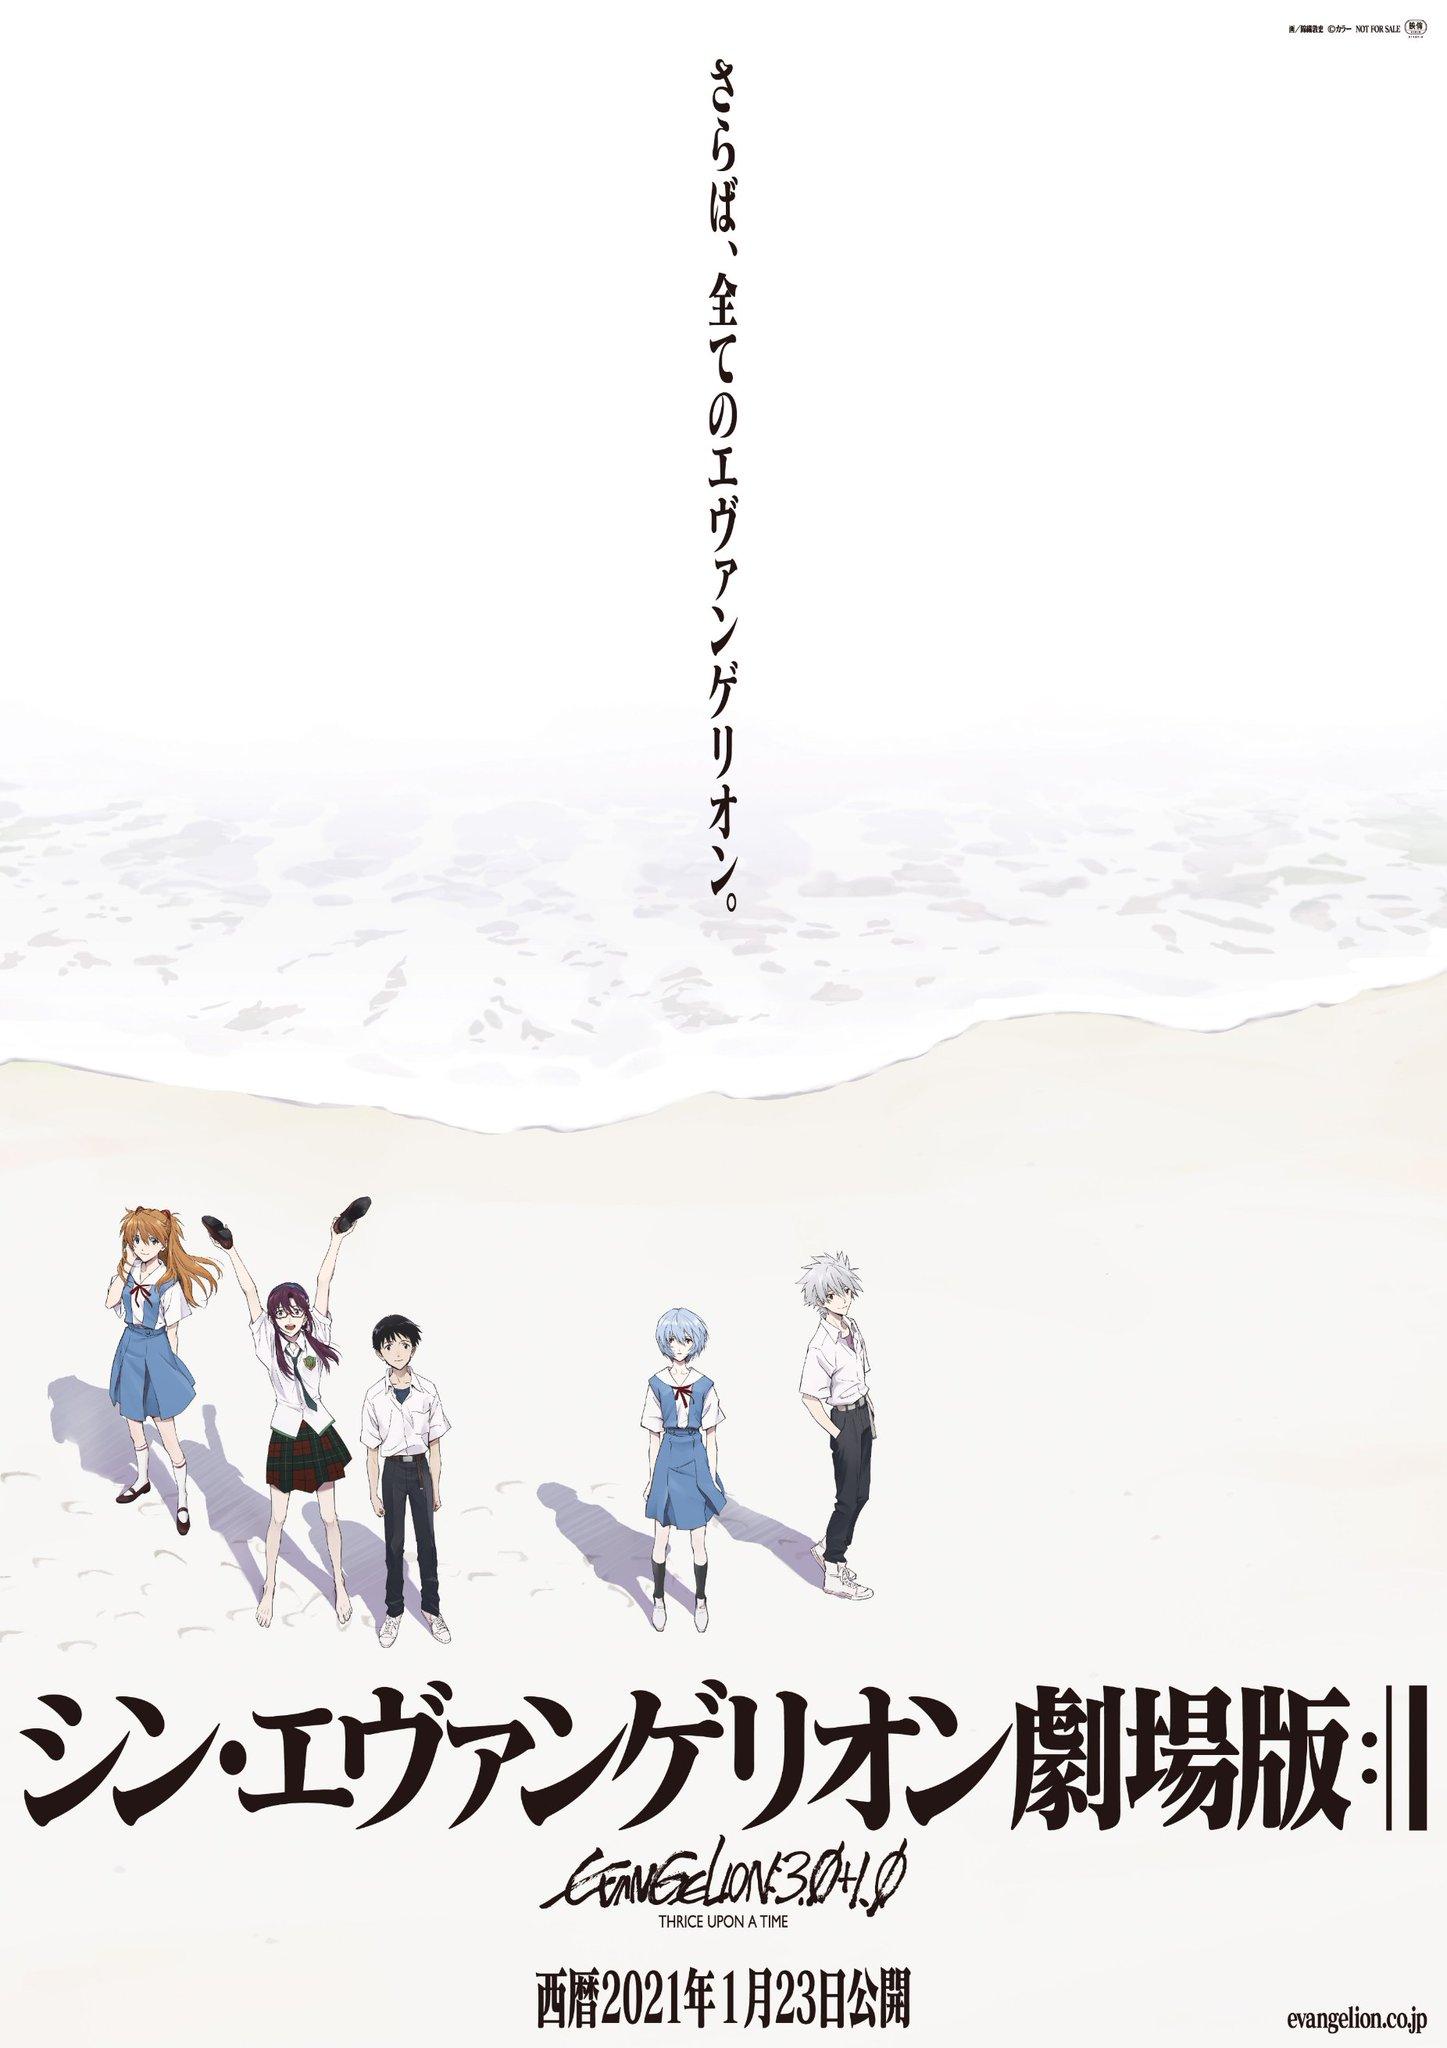 استوديو Evangelion يطلب من الجمهور عدم استغلال الفيلم القادم جنسيًّا!